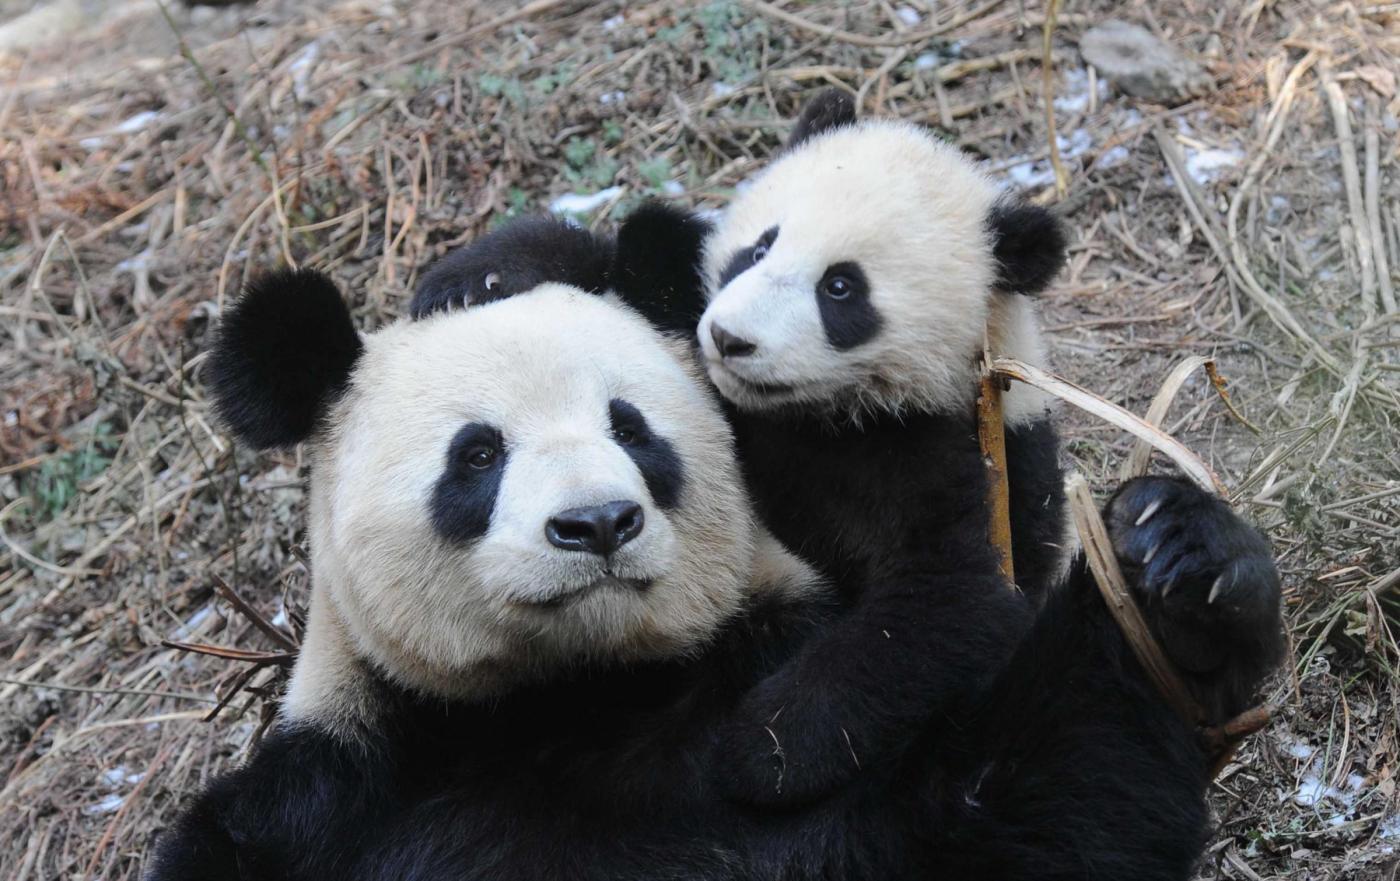 Le foto dei cuccioli di uno degli animali rari pi dolce: il panda - Ecoo 45